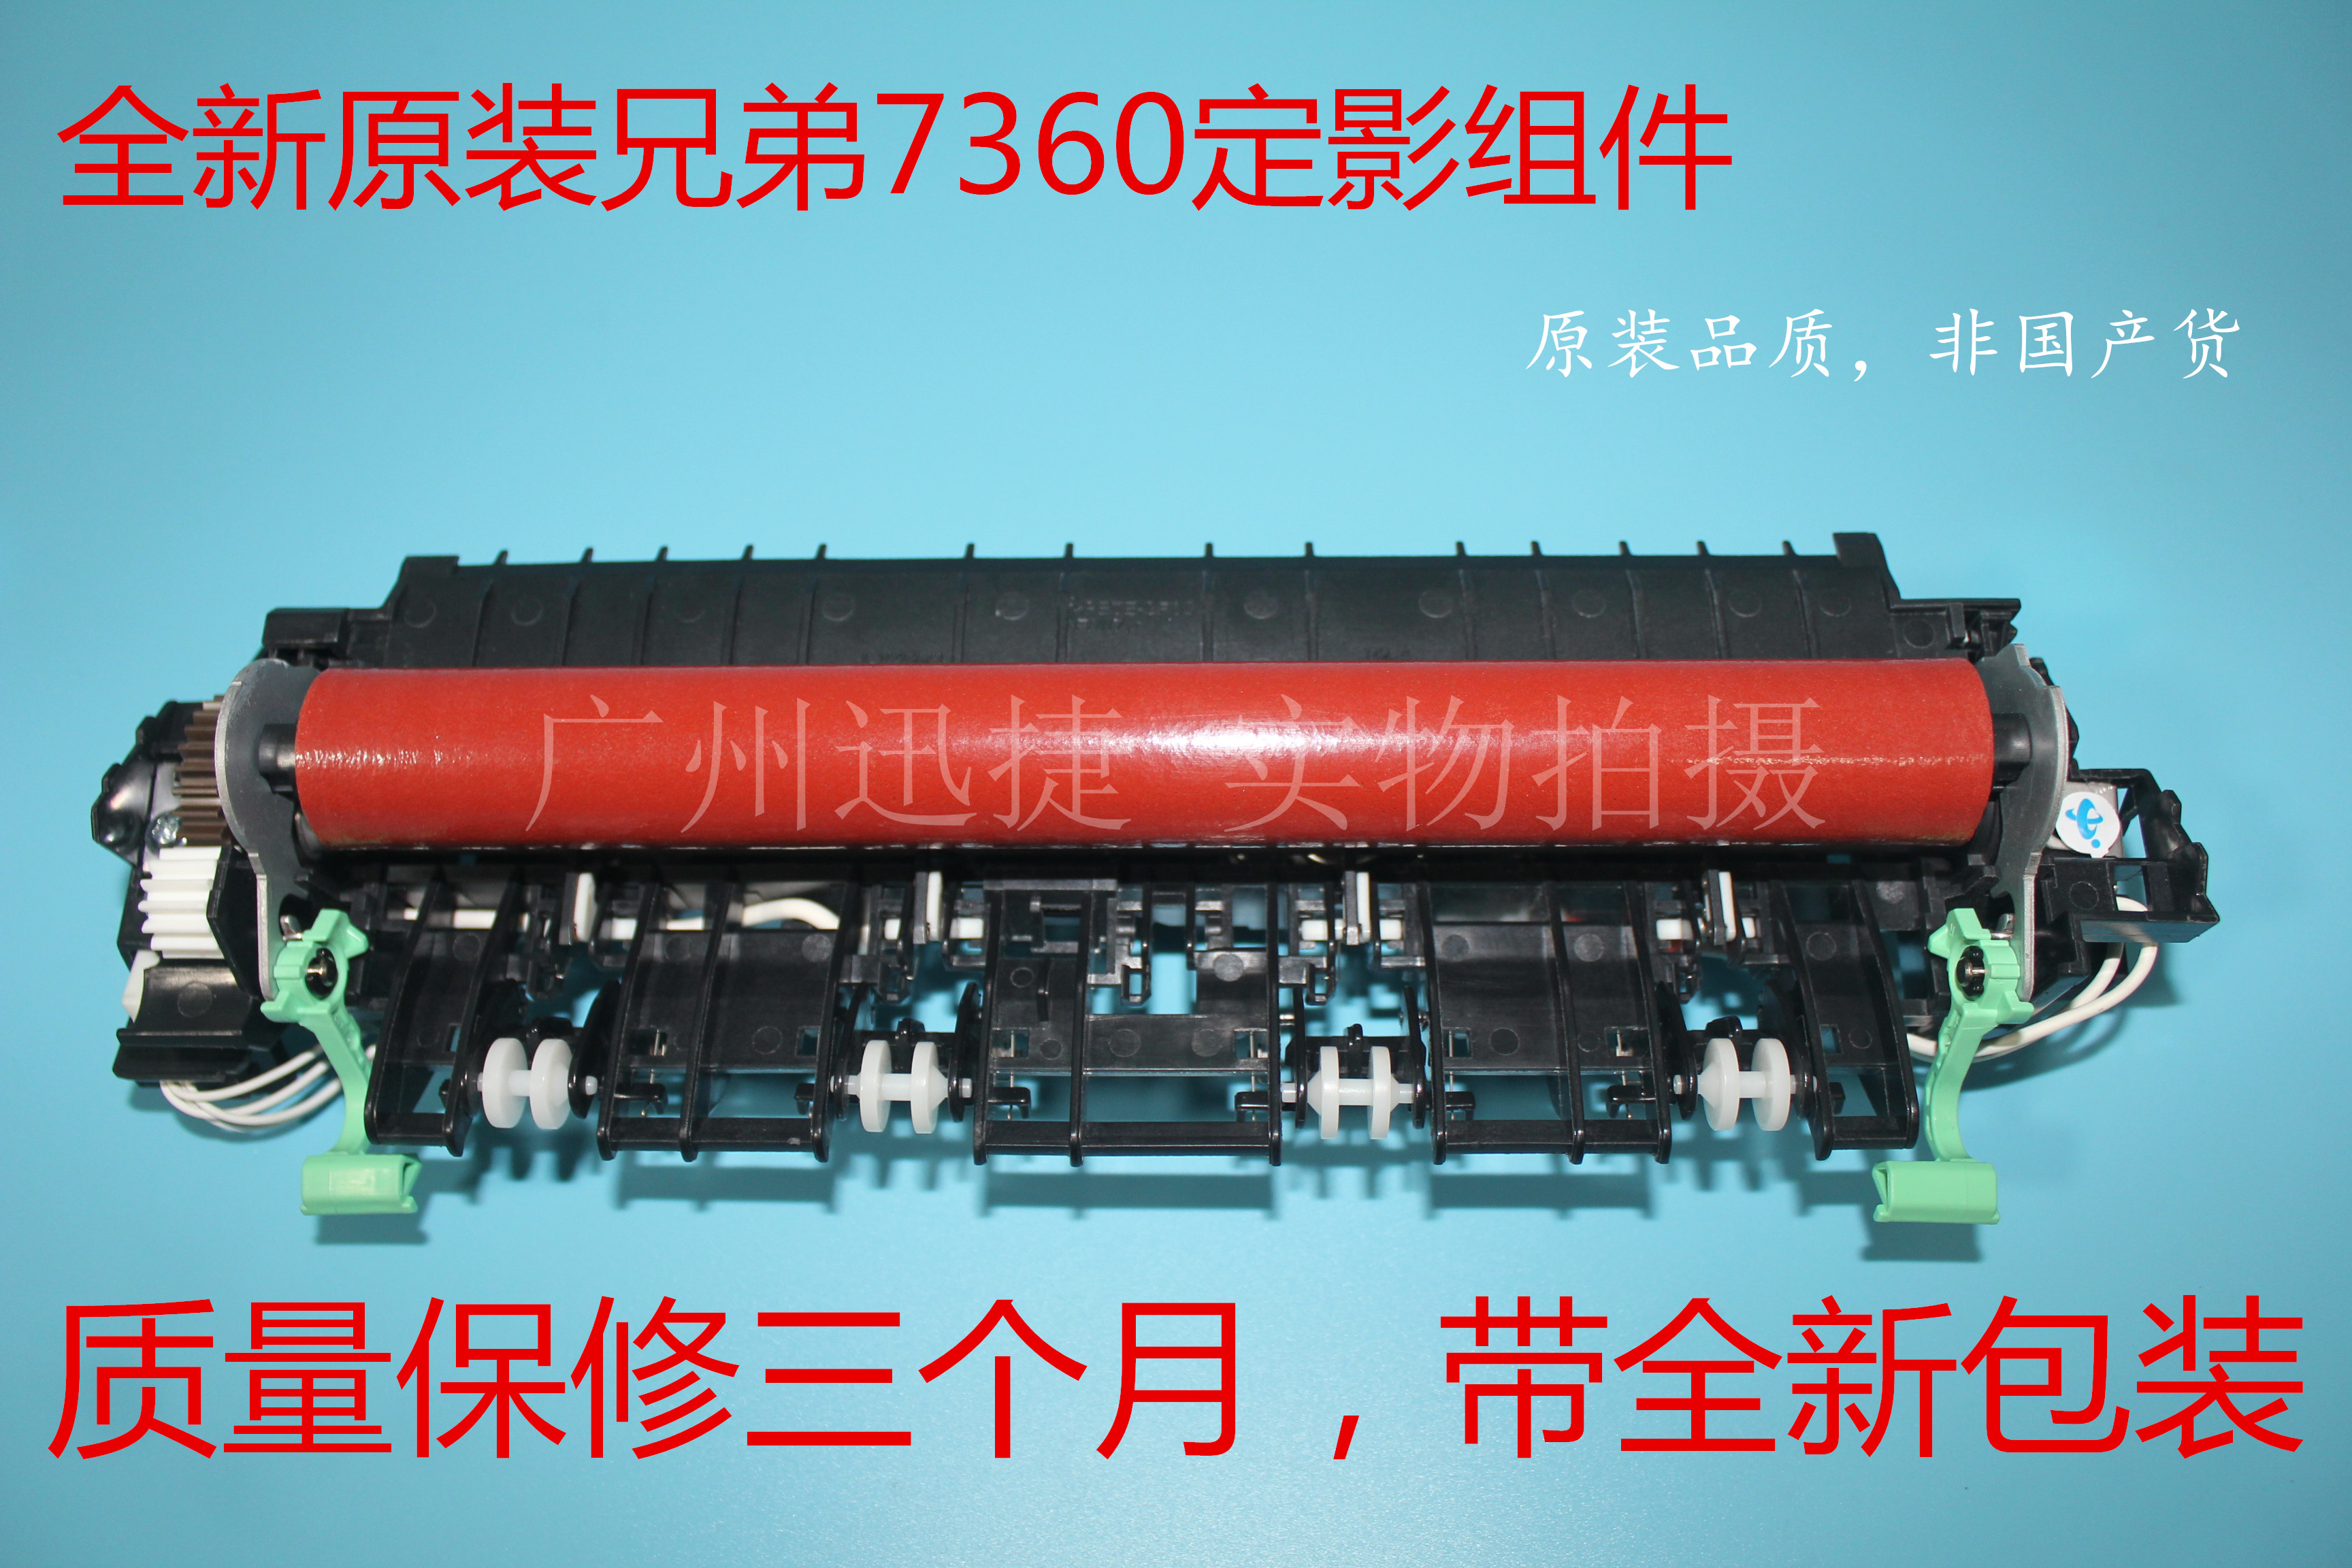 Применимый братья 7360 фиксированный тень пакет 2240 2250 7060 7055 7600 7470 отопление группа